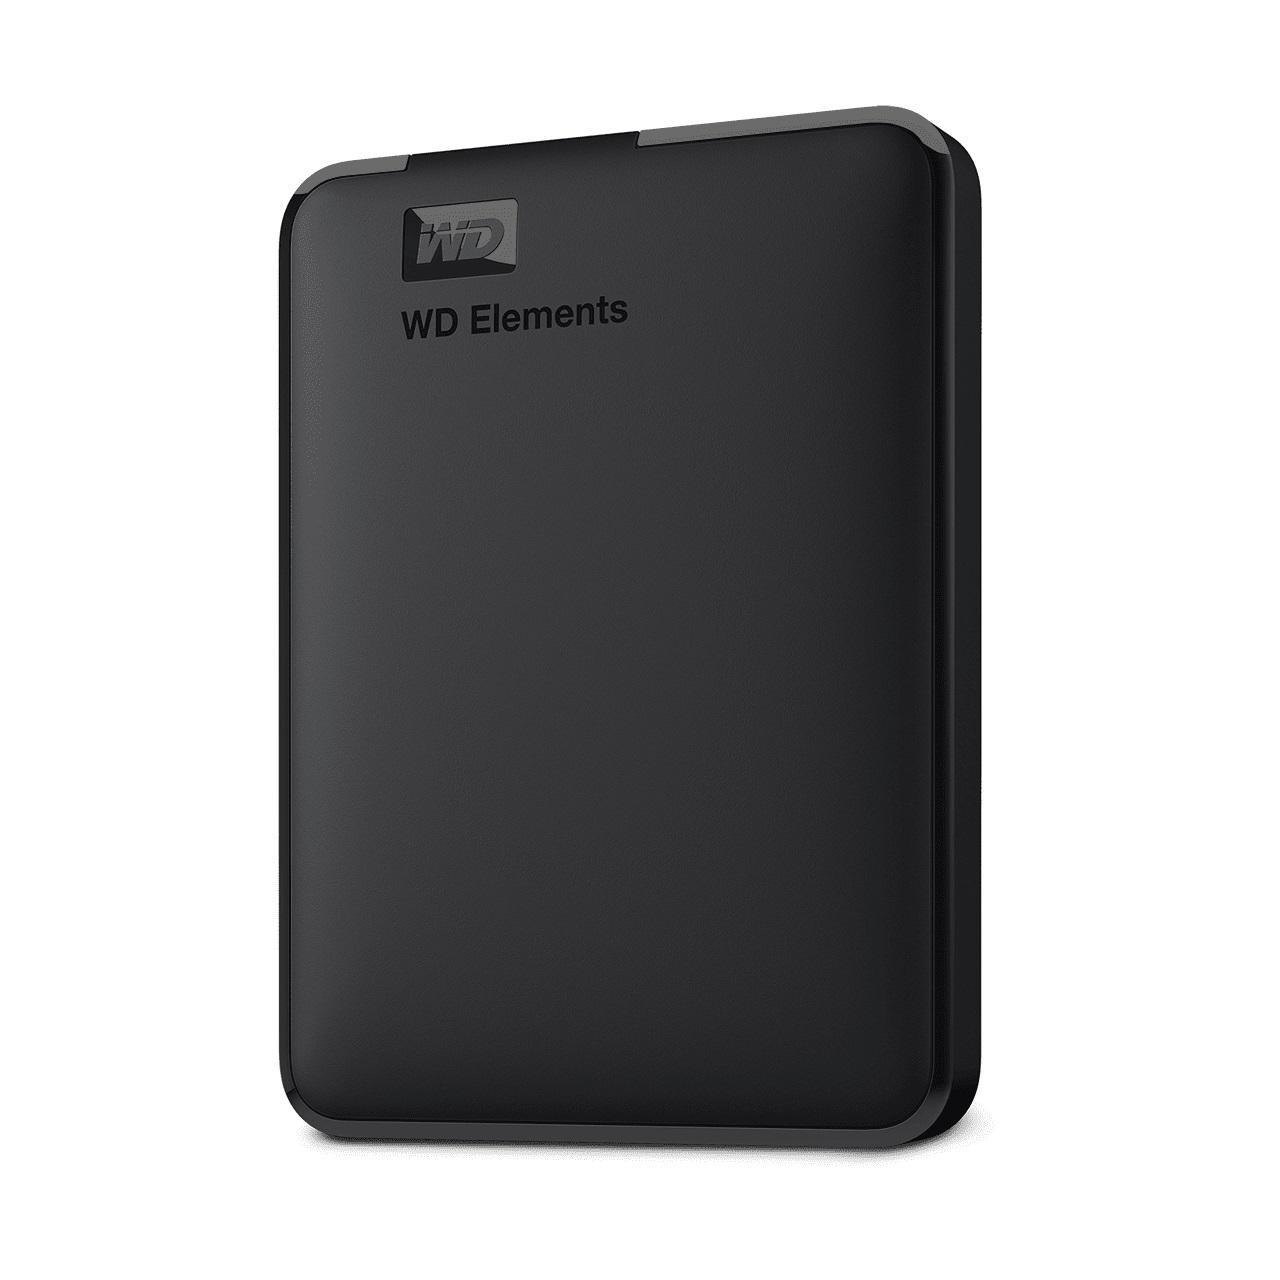 """Външен хард диск Western Digital Elements Portable, 2TB, 2.5"""", USB 3.0, Черен-2"""